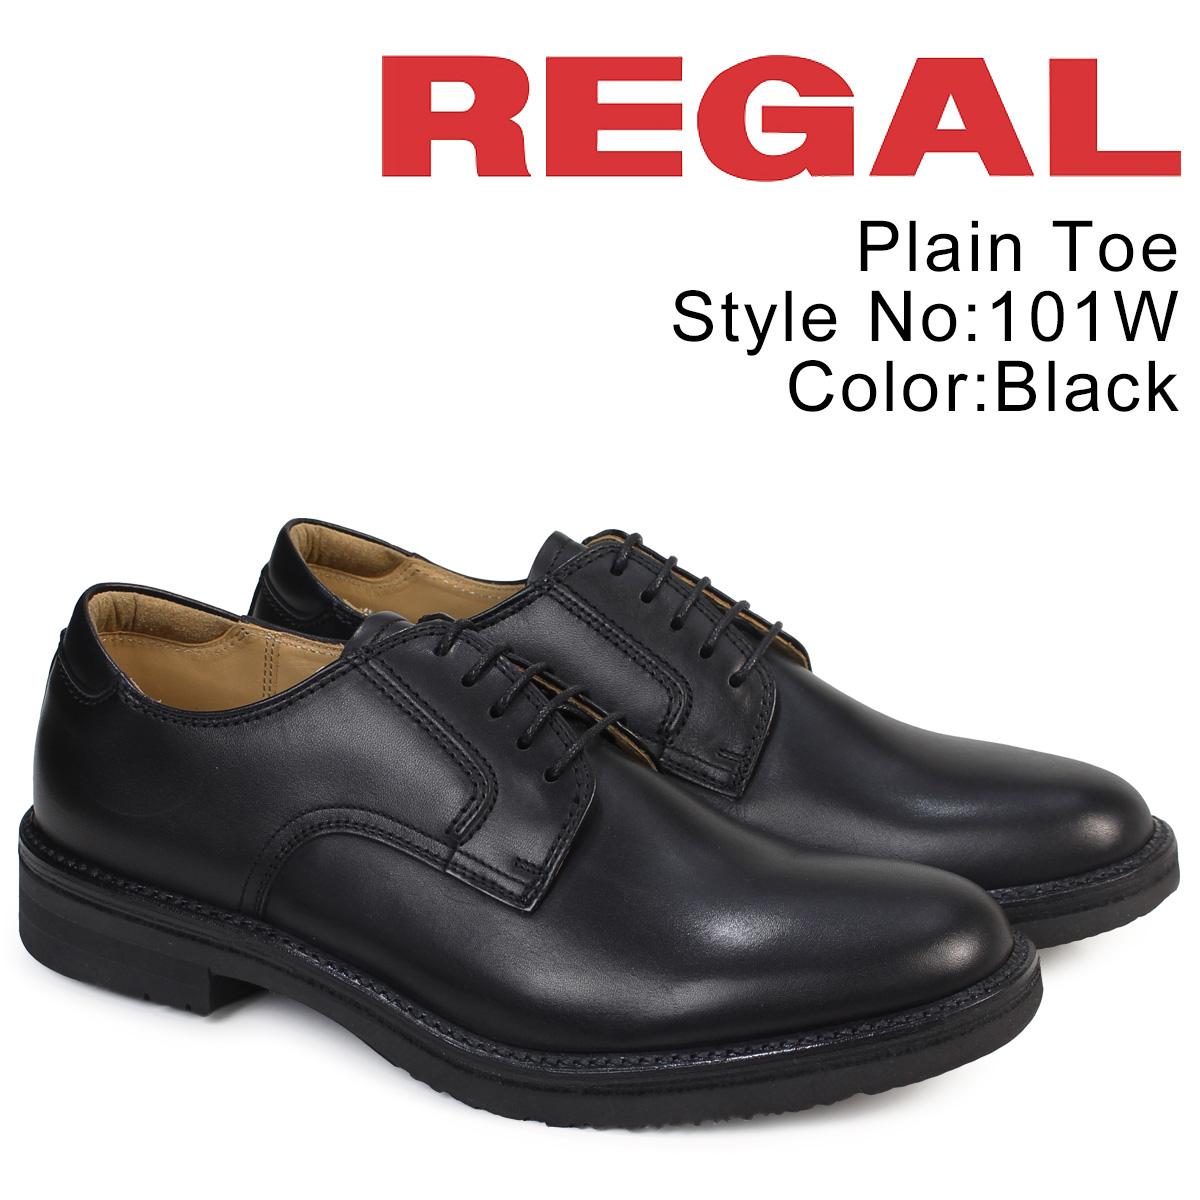 REGAL 靴 メンズ リーガル プレーントゥ 101W AH ビジネスシューズ 日本製 ブラック